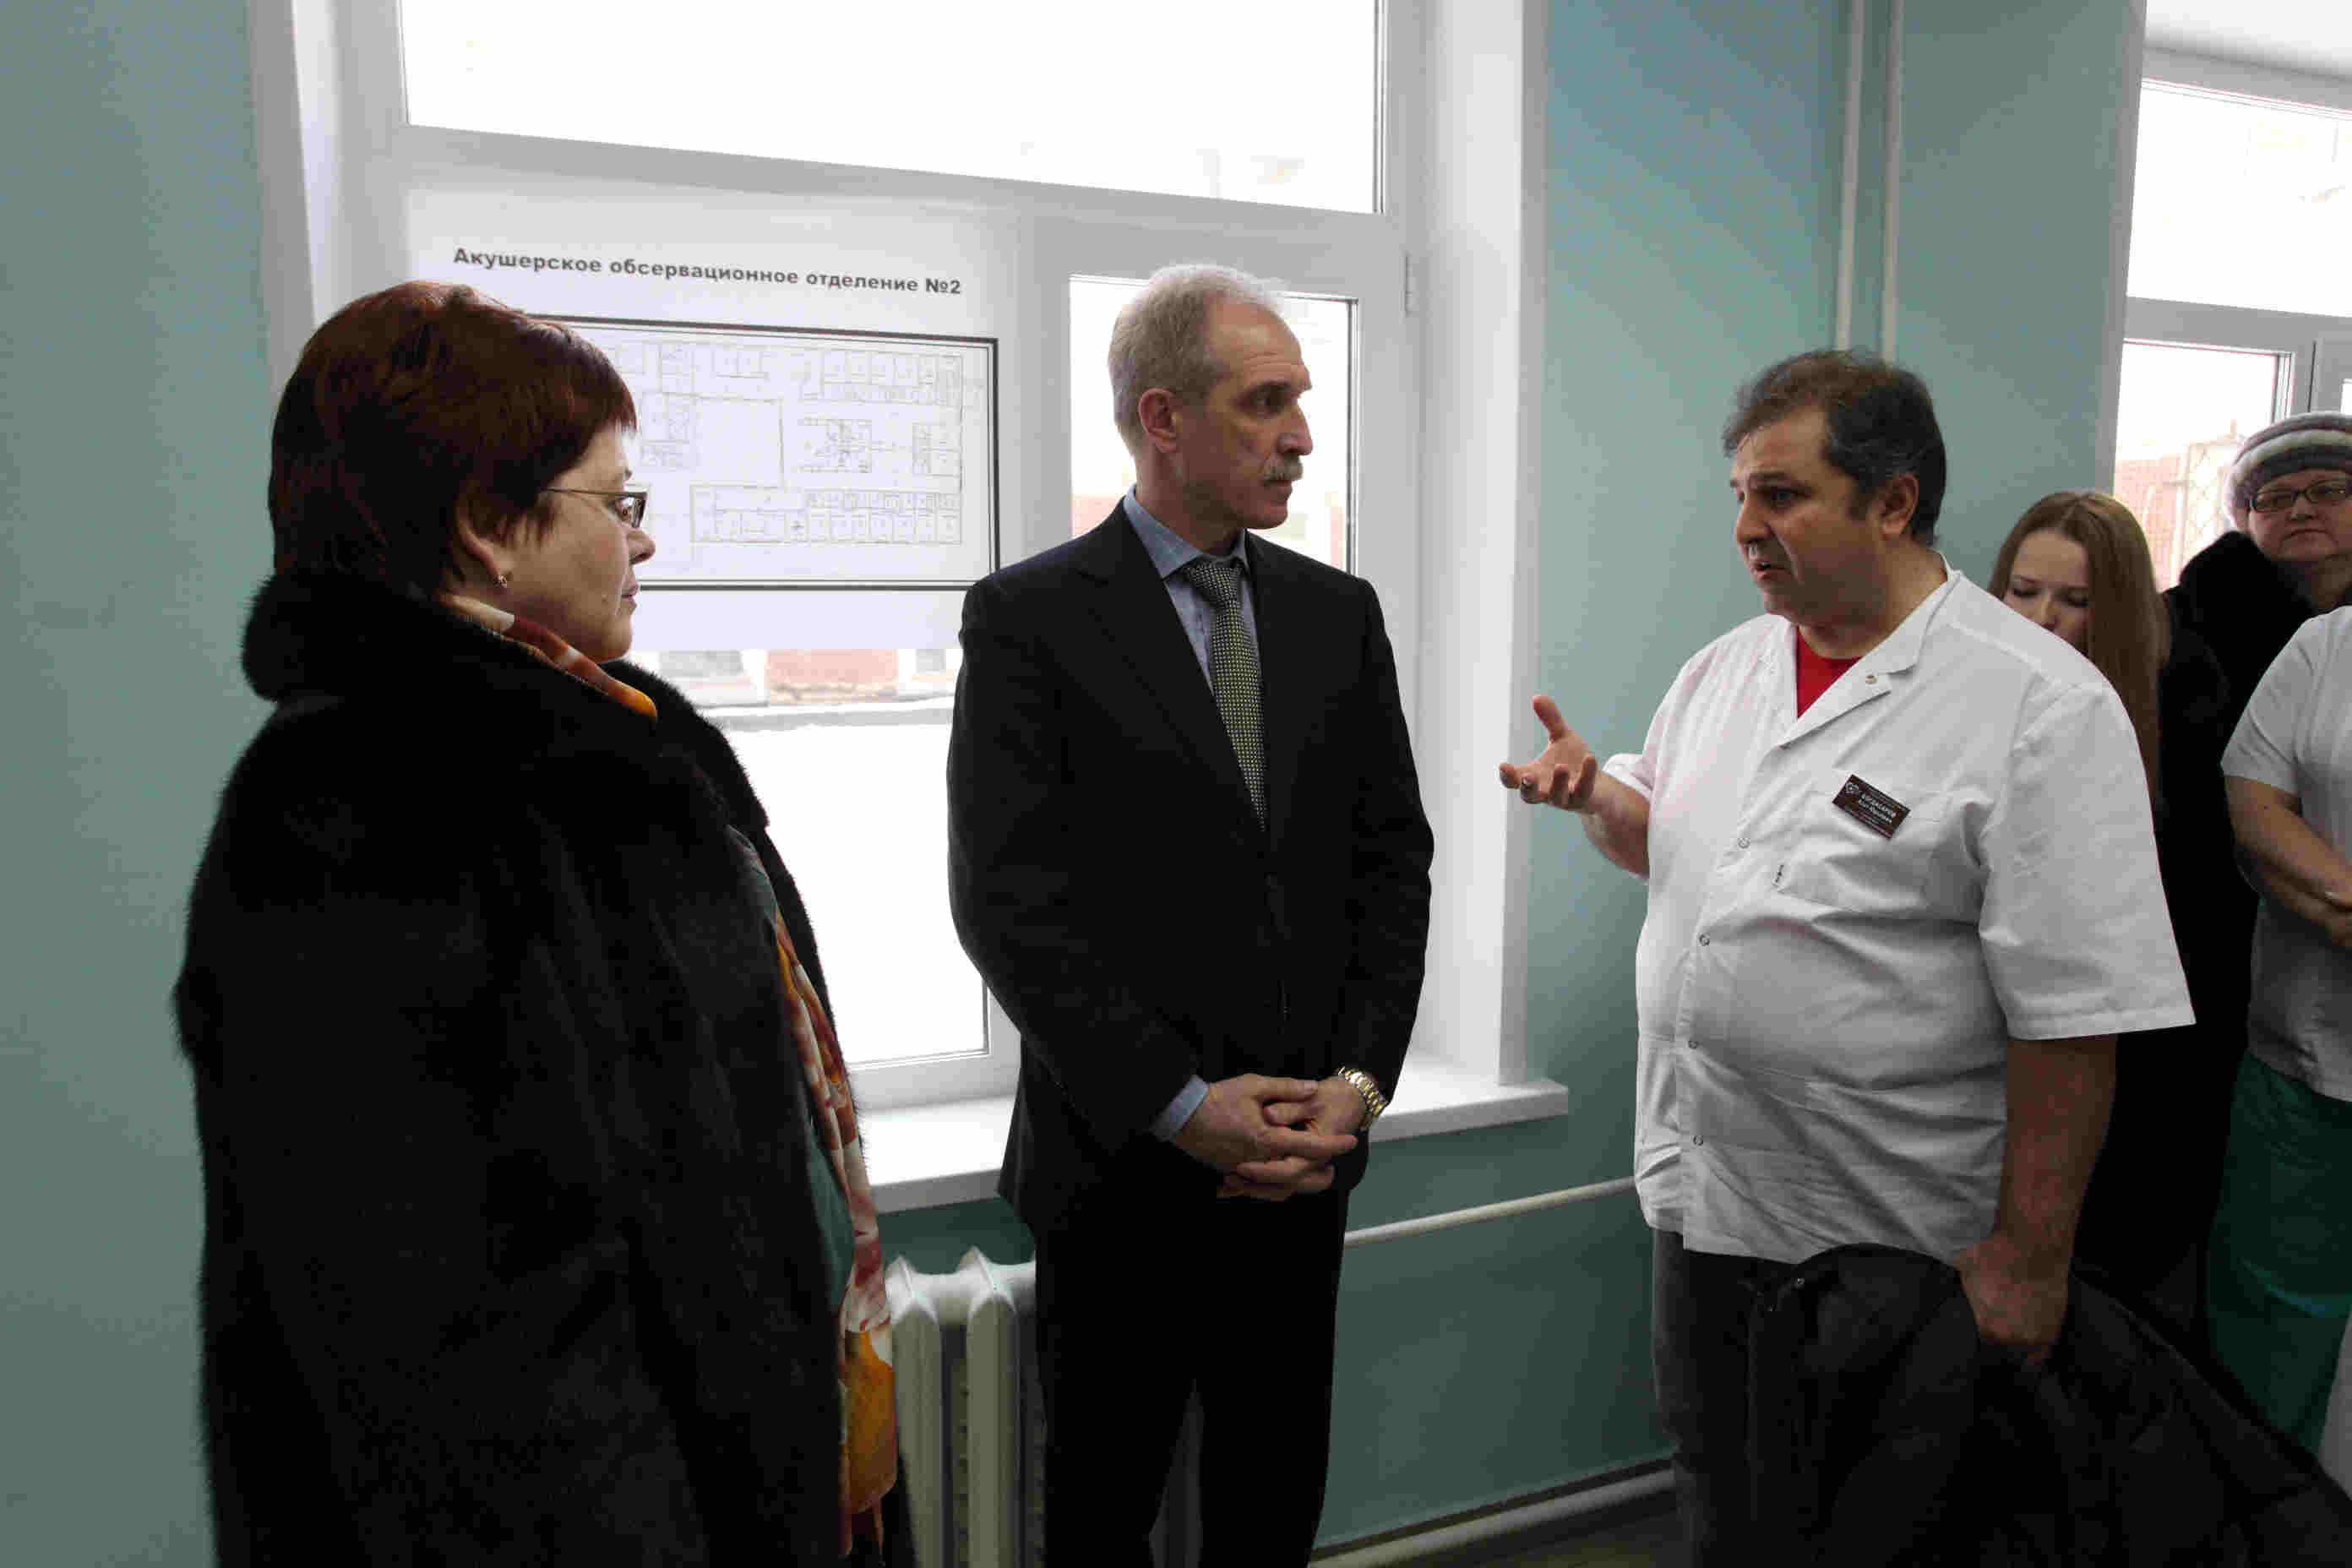 Поликлиника городская больница 3 магнитогорск официальный сайт